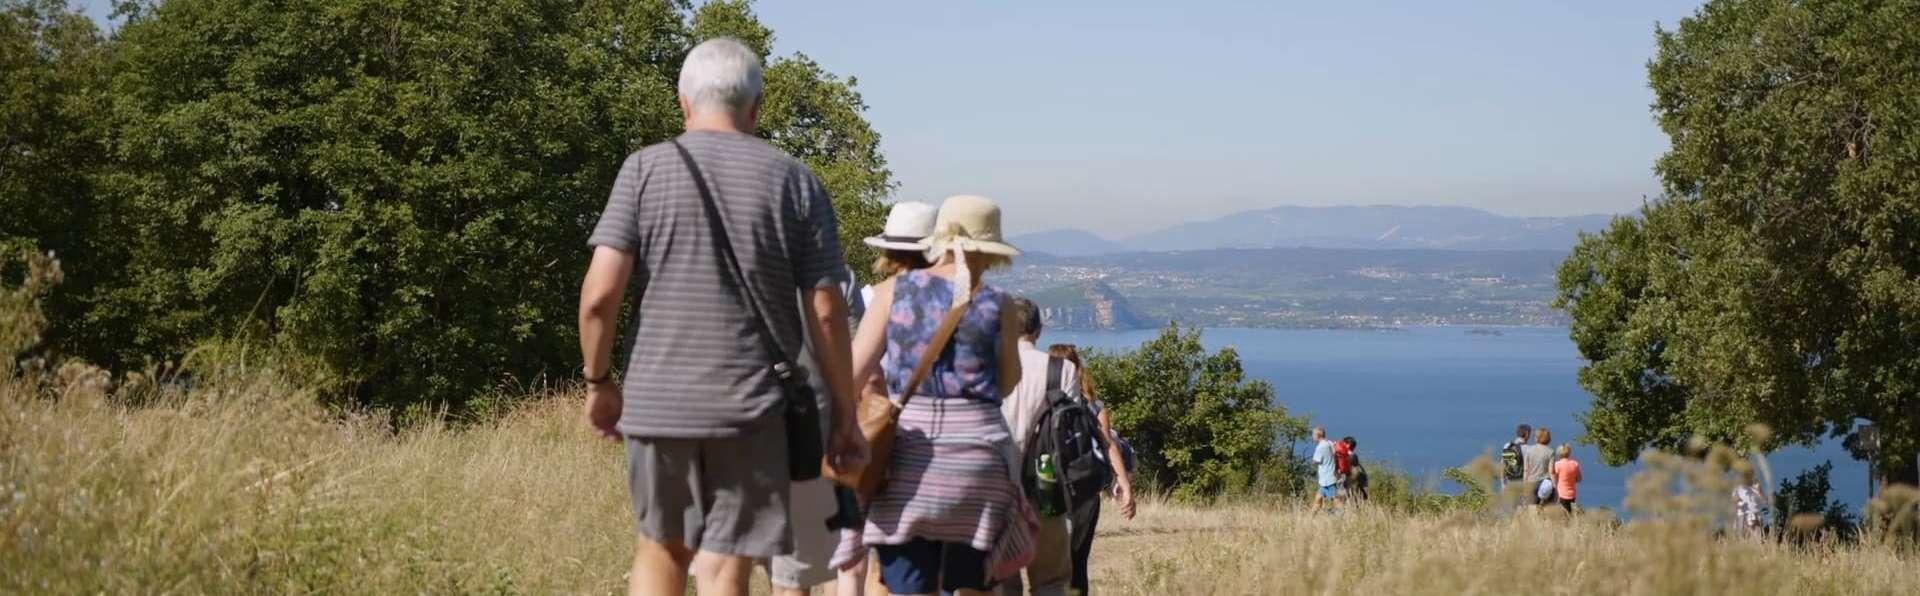 Attività outdoor alla scoperta del Lago di Garda